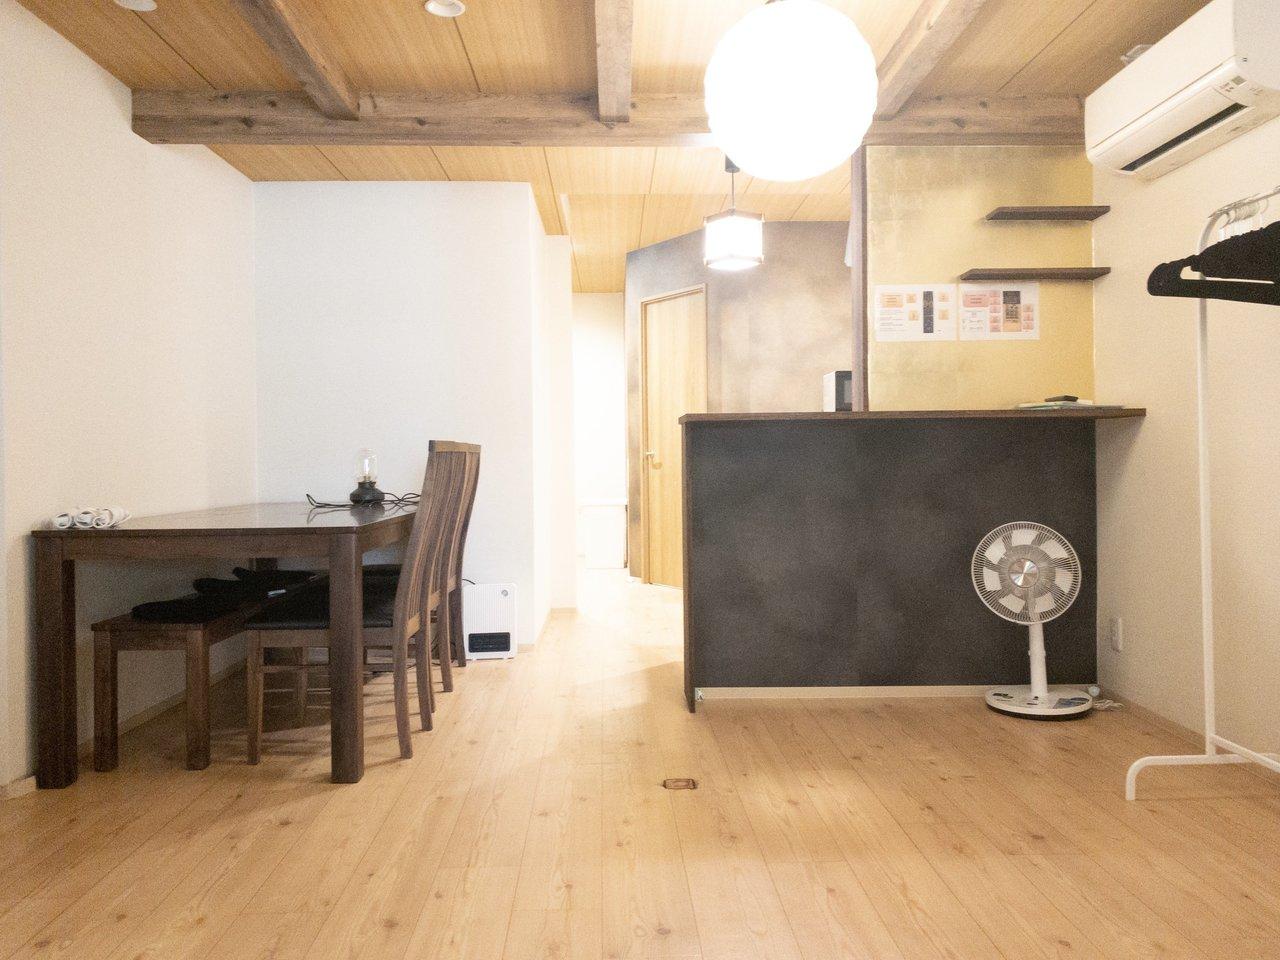 15畳あるリビングには、カウンターキッチンが。家具家電もついているので、荷物が少なく入居できるのはうれしいですね。